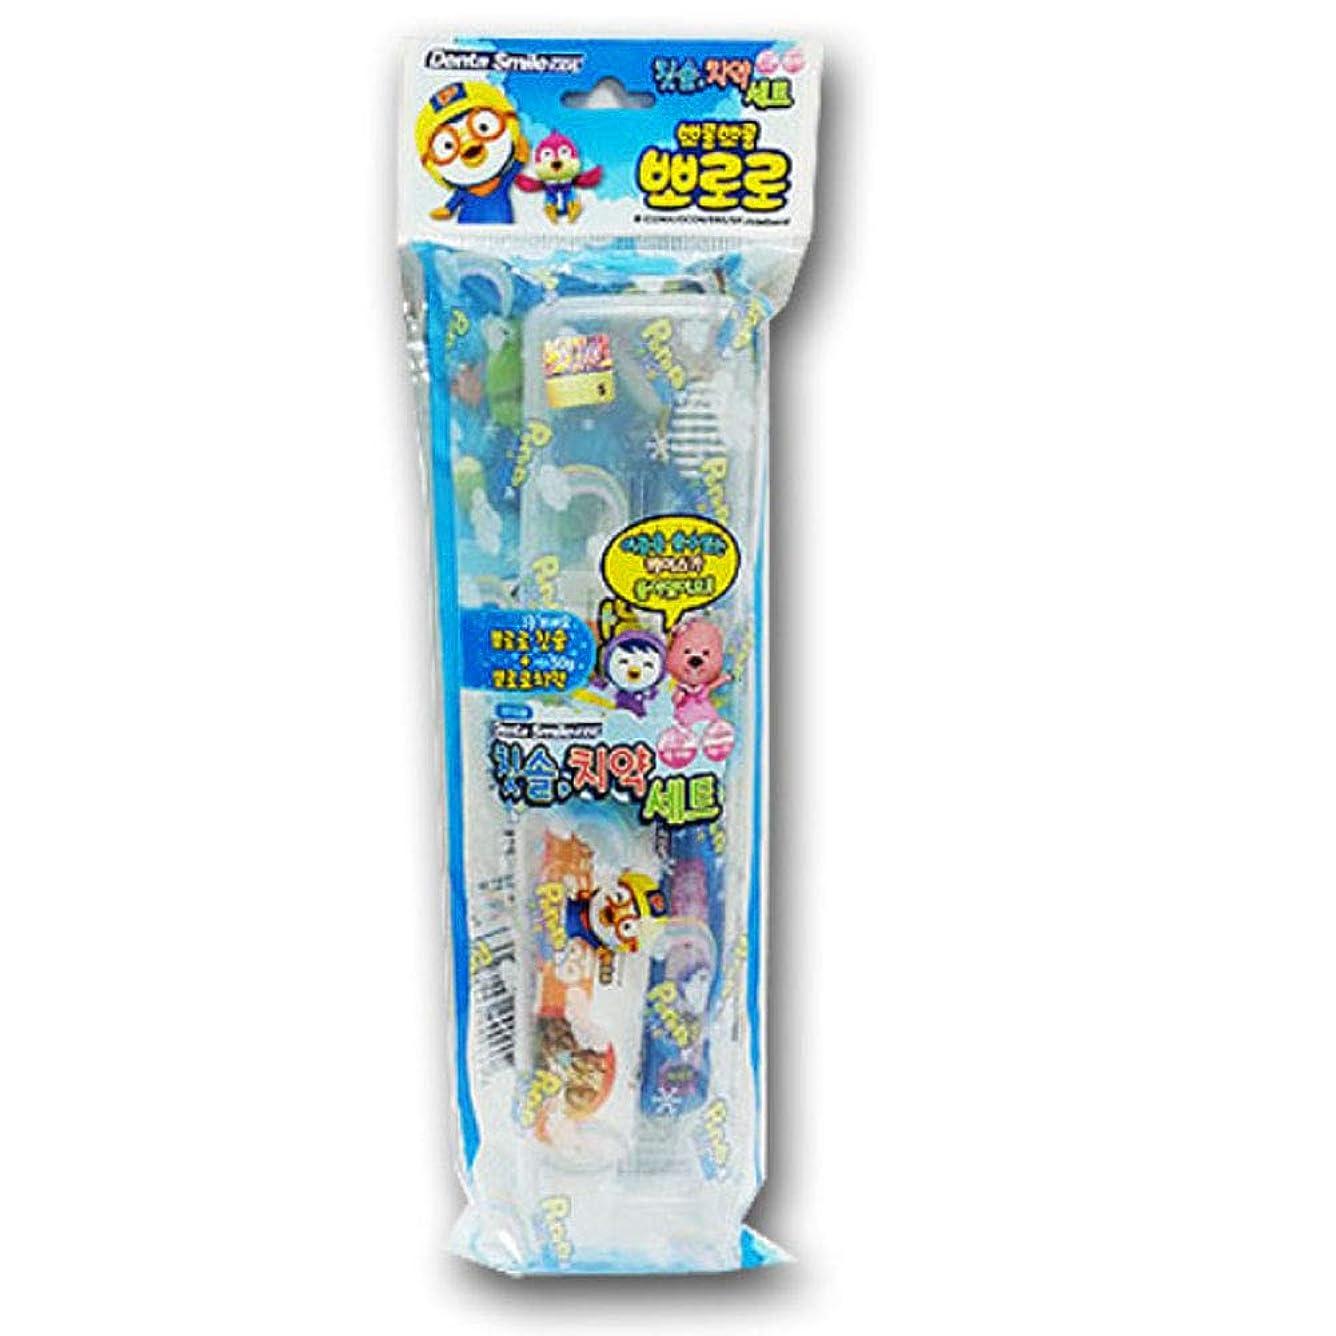 議論する定期的に追加Pororo&Friendsポータブル歯磨き粉歯ブラシセットパイナップル香50g.